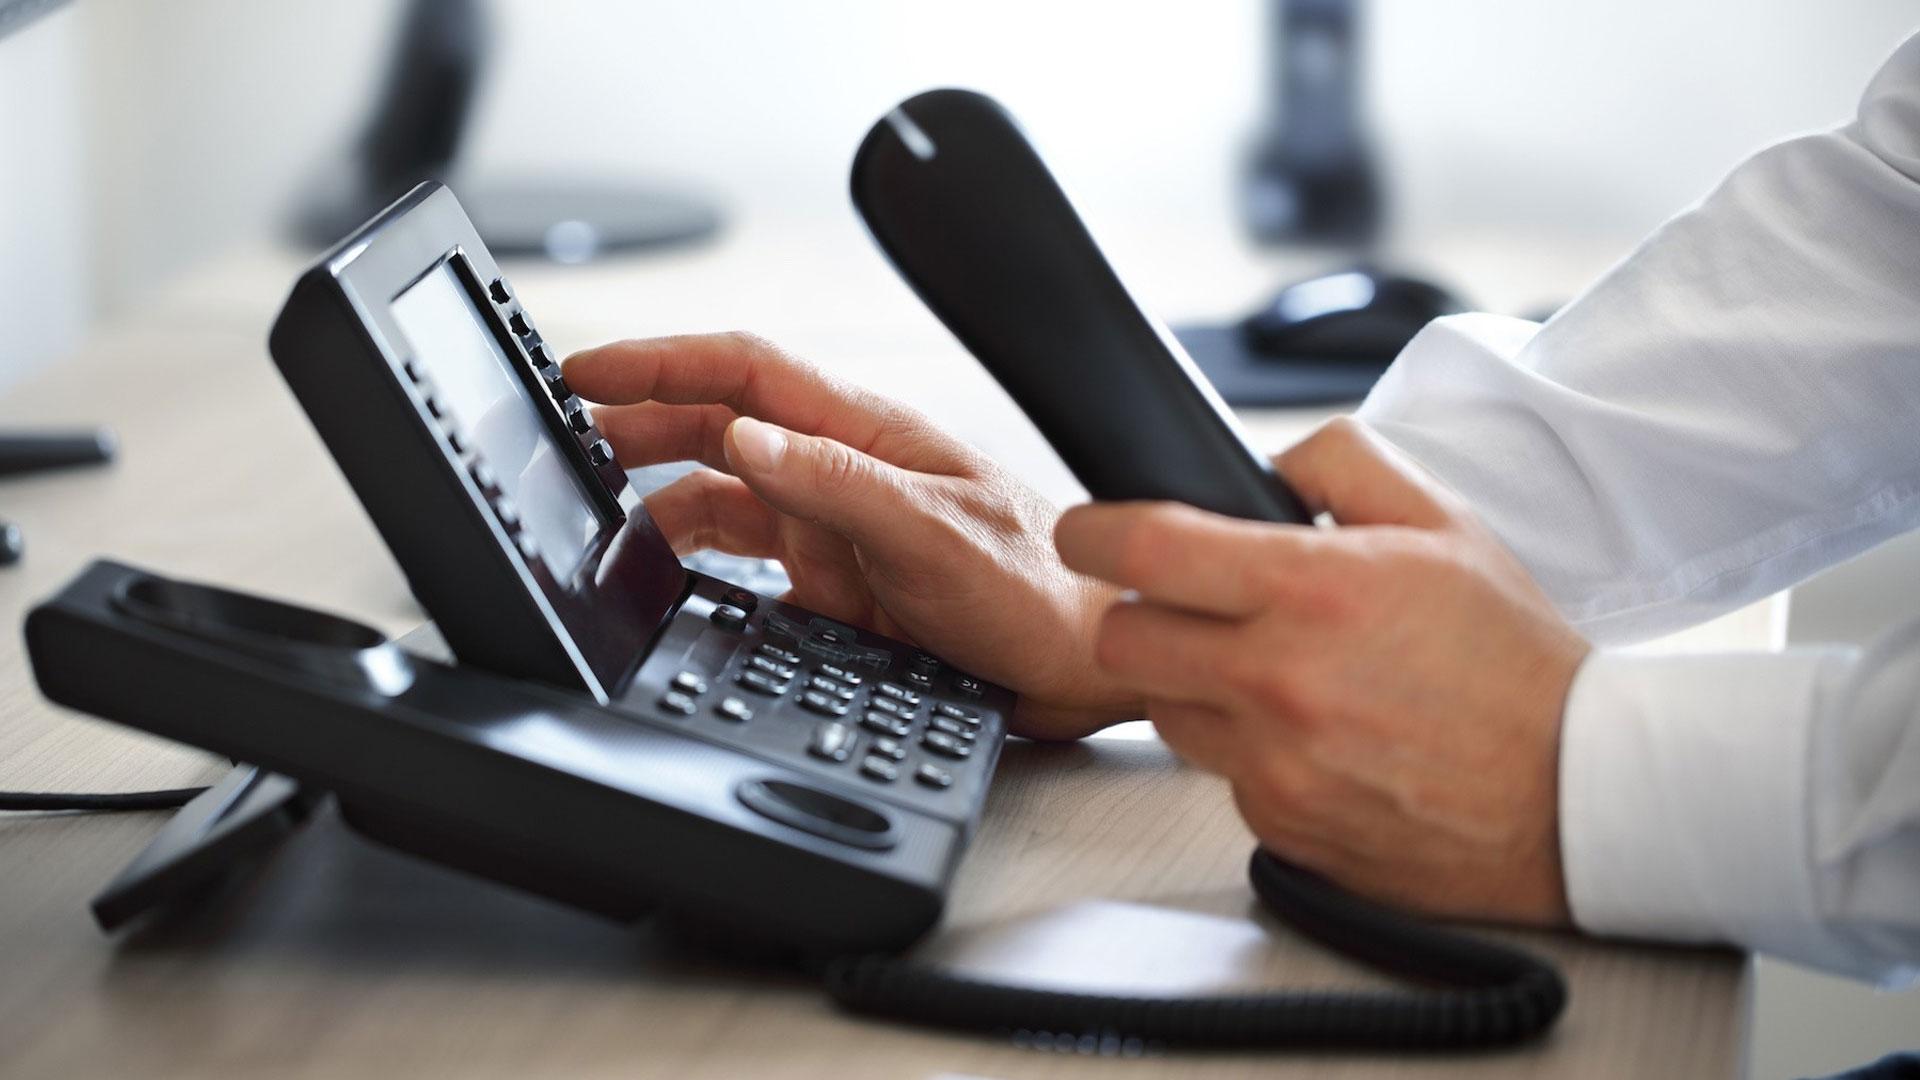 business man using a landline to make calls